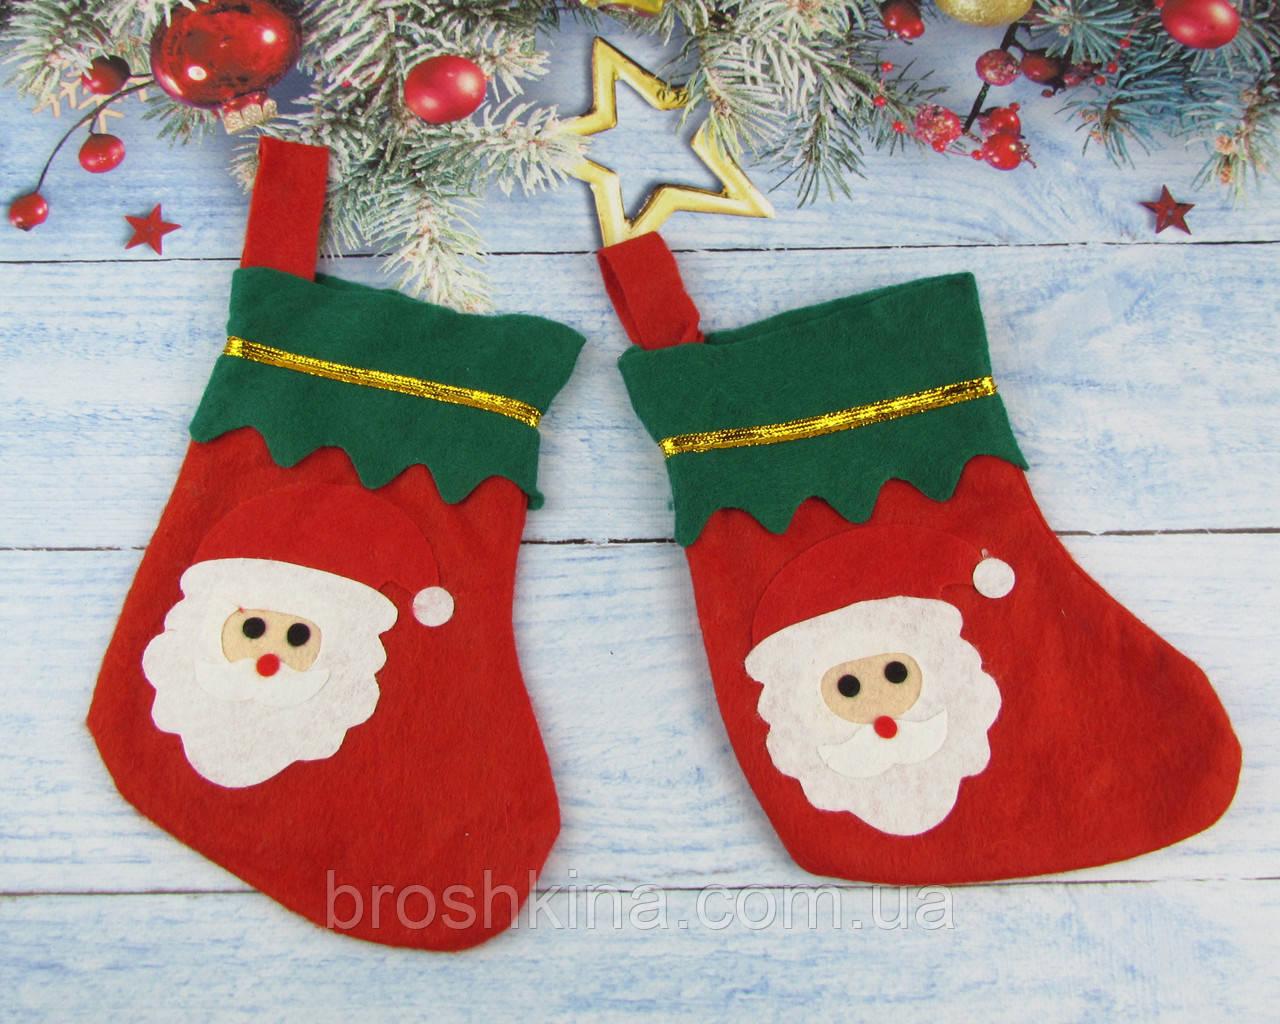 Новогодний носок (сапожок) 19 см фетр 12 шт/уп. Дед Мороз